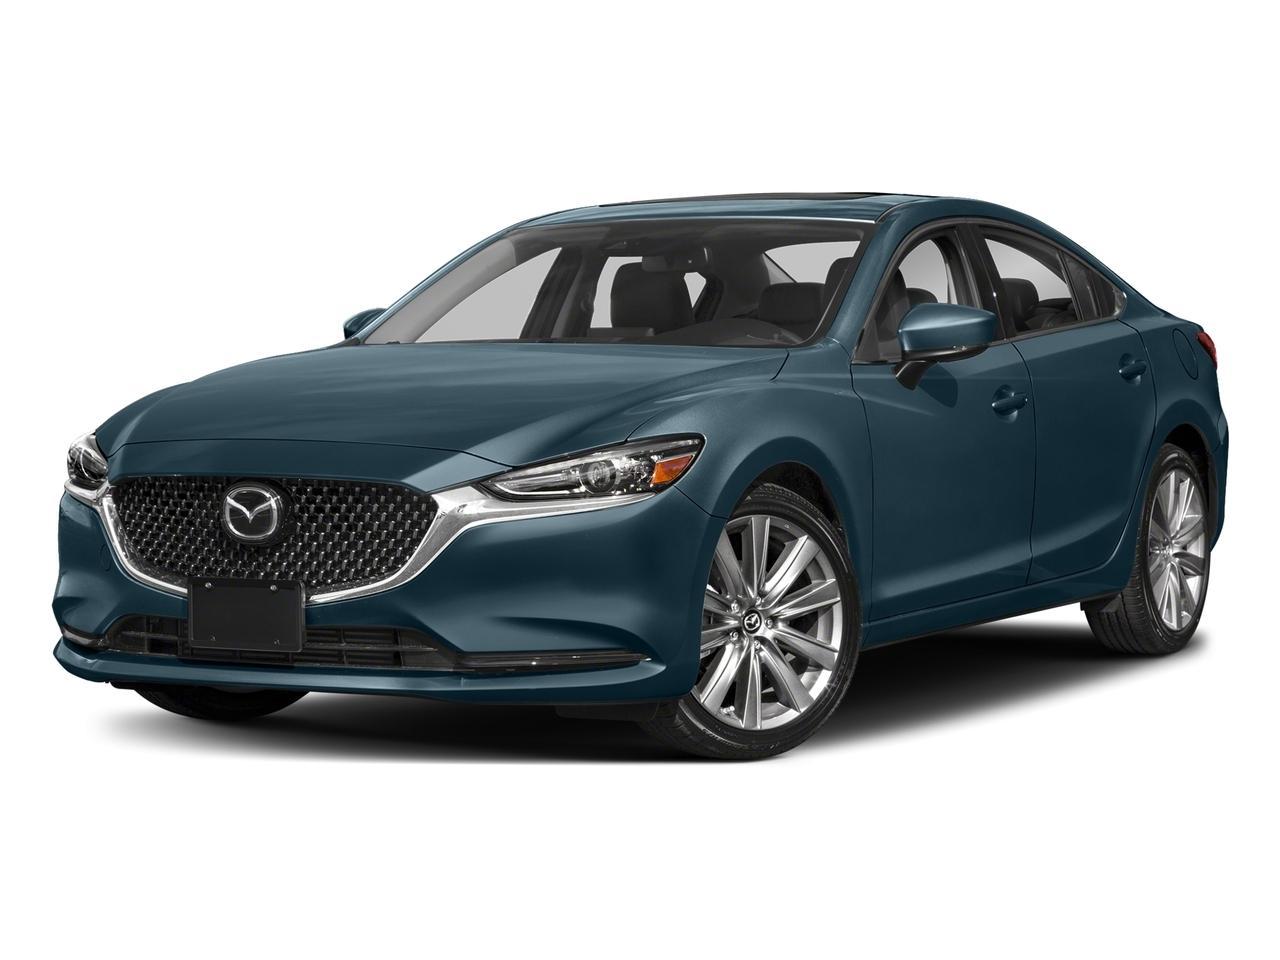 2018 Mazda Mazda6 Vehicle Photo in Wilmington, NC 28405